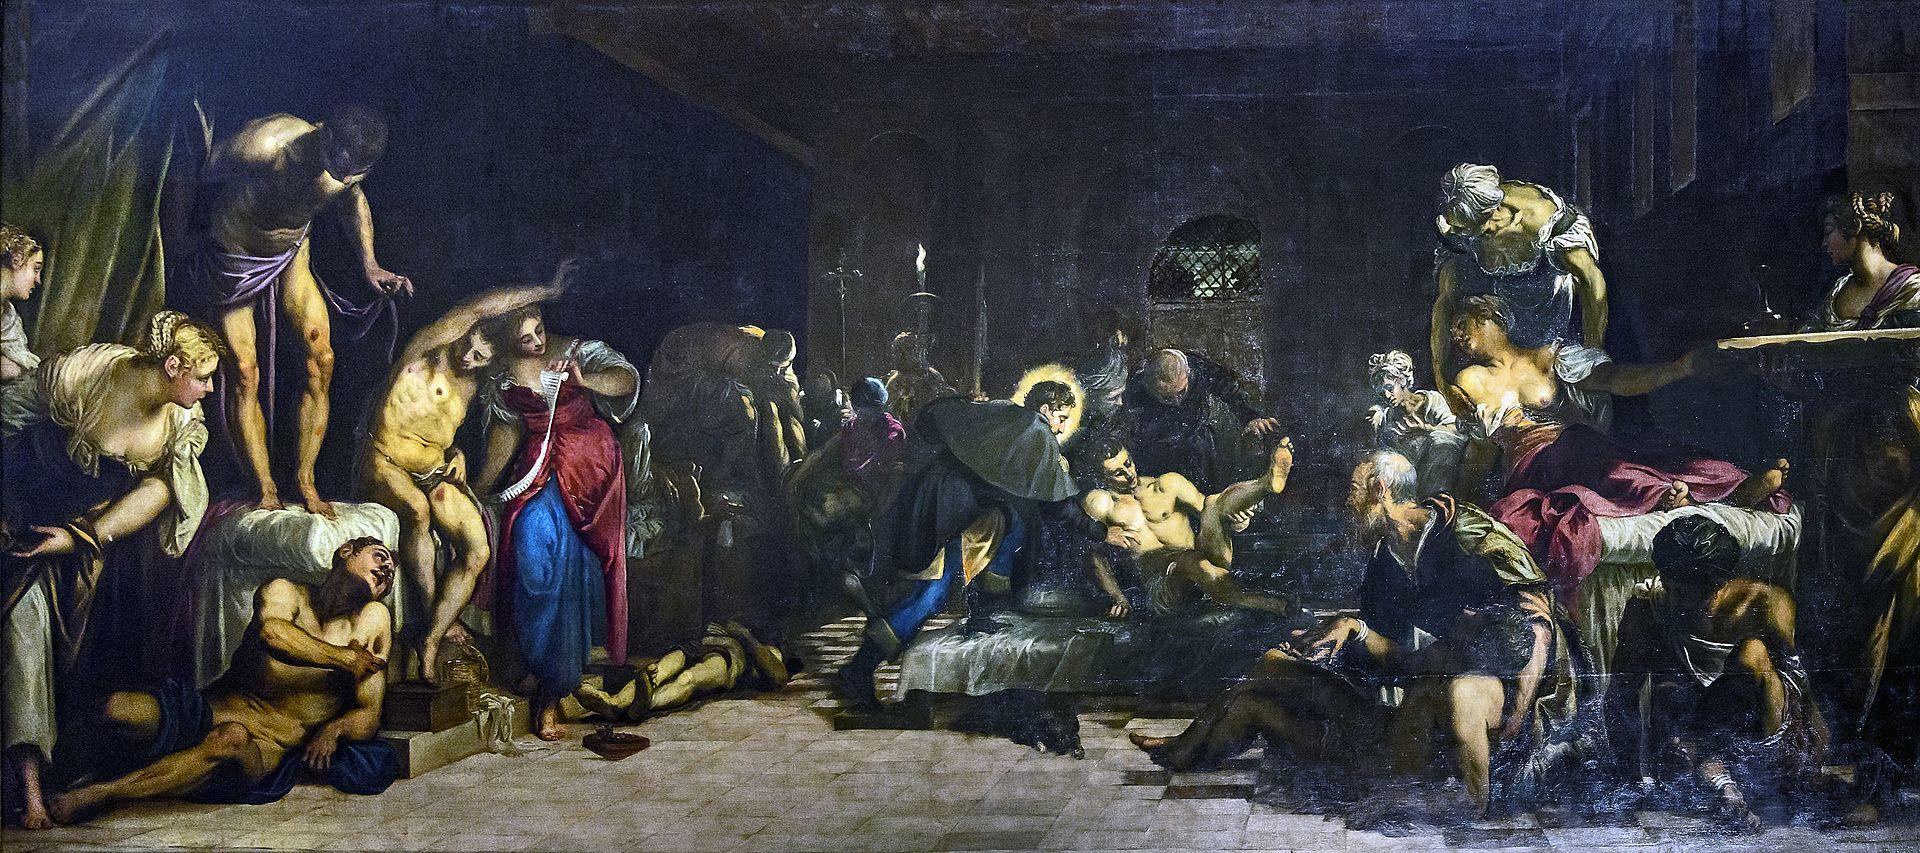 Tableau du Tintoret : San Rocco soignant les pestiférés